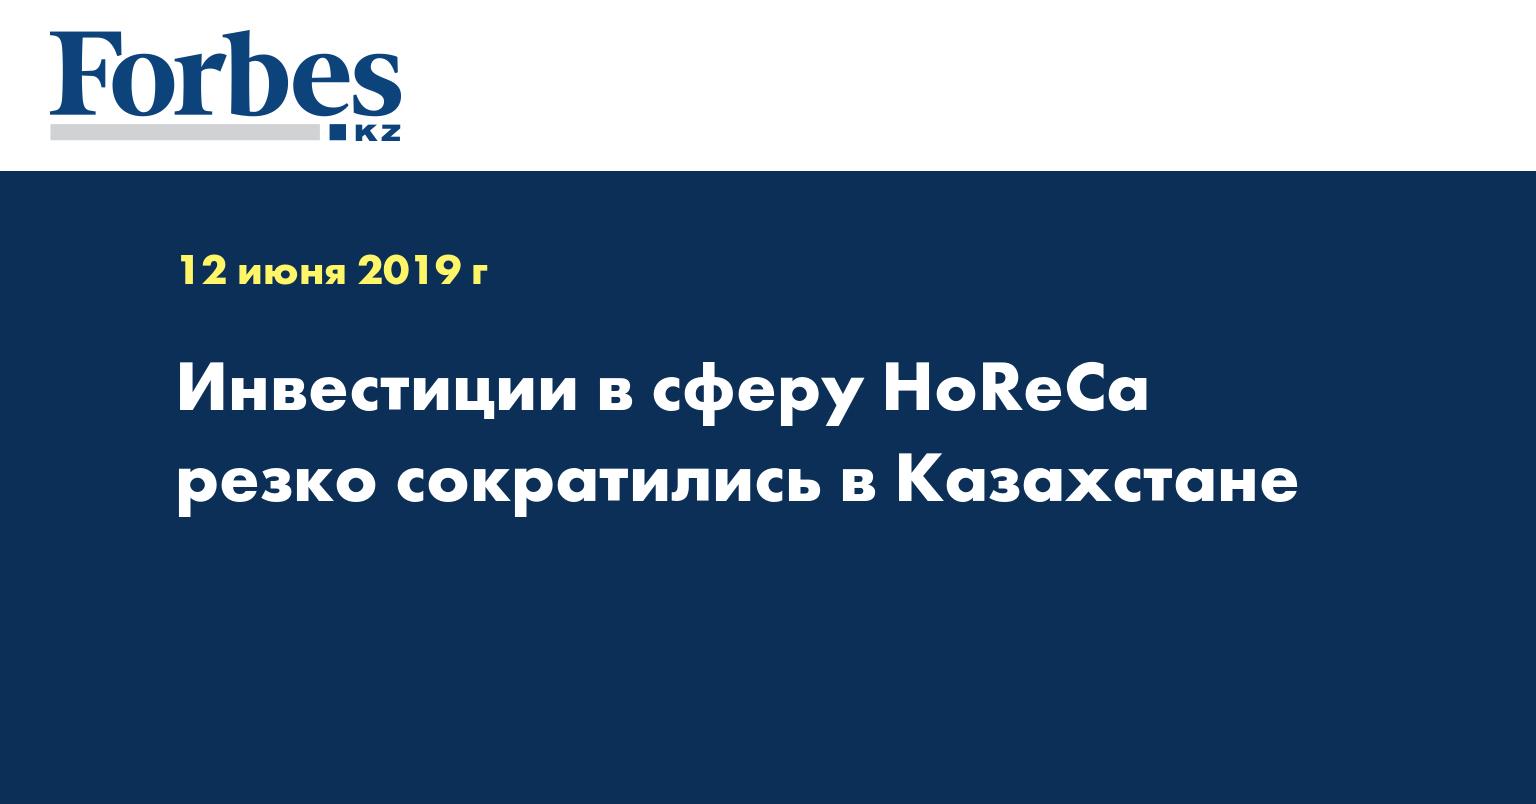 Инвестиции в сферу HoReCa резко сократились в Казахстане